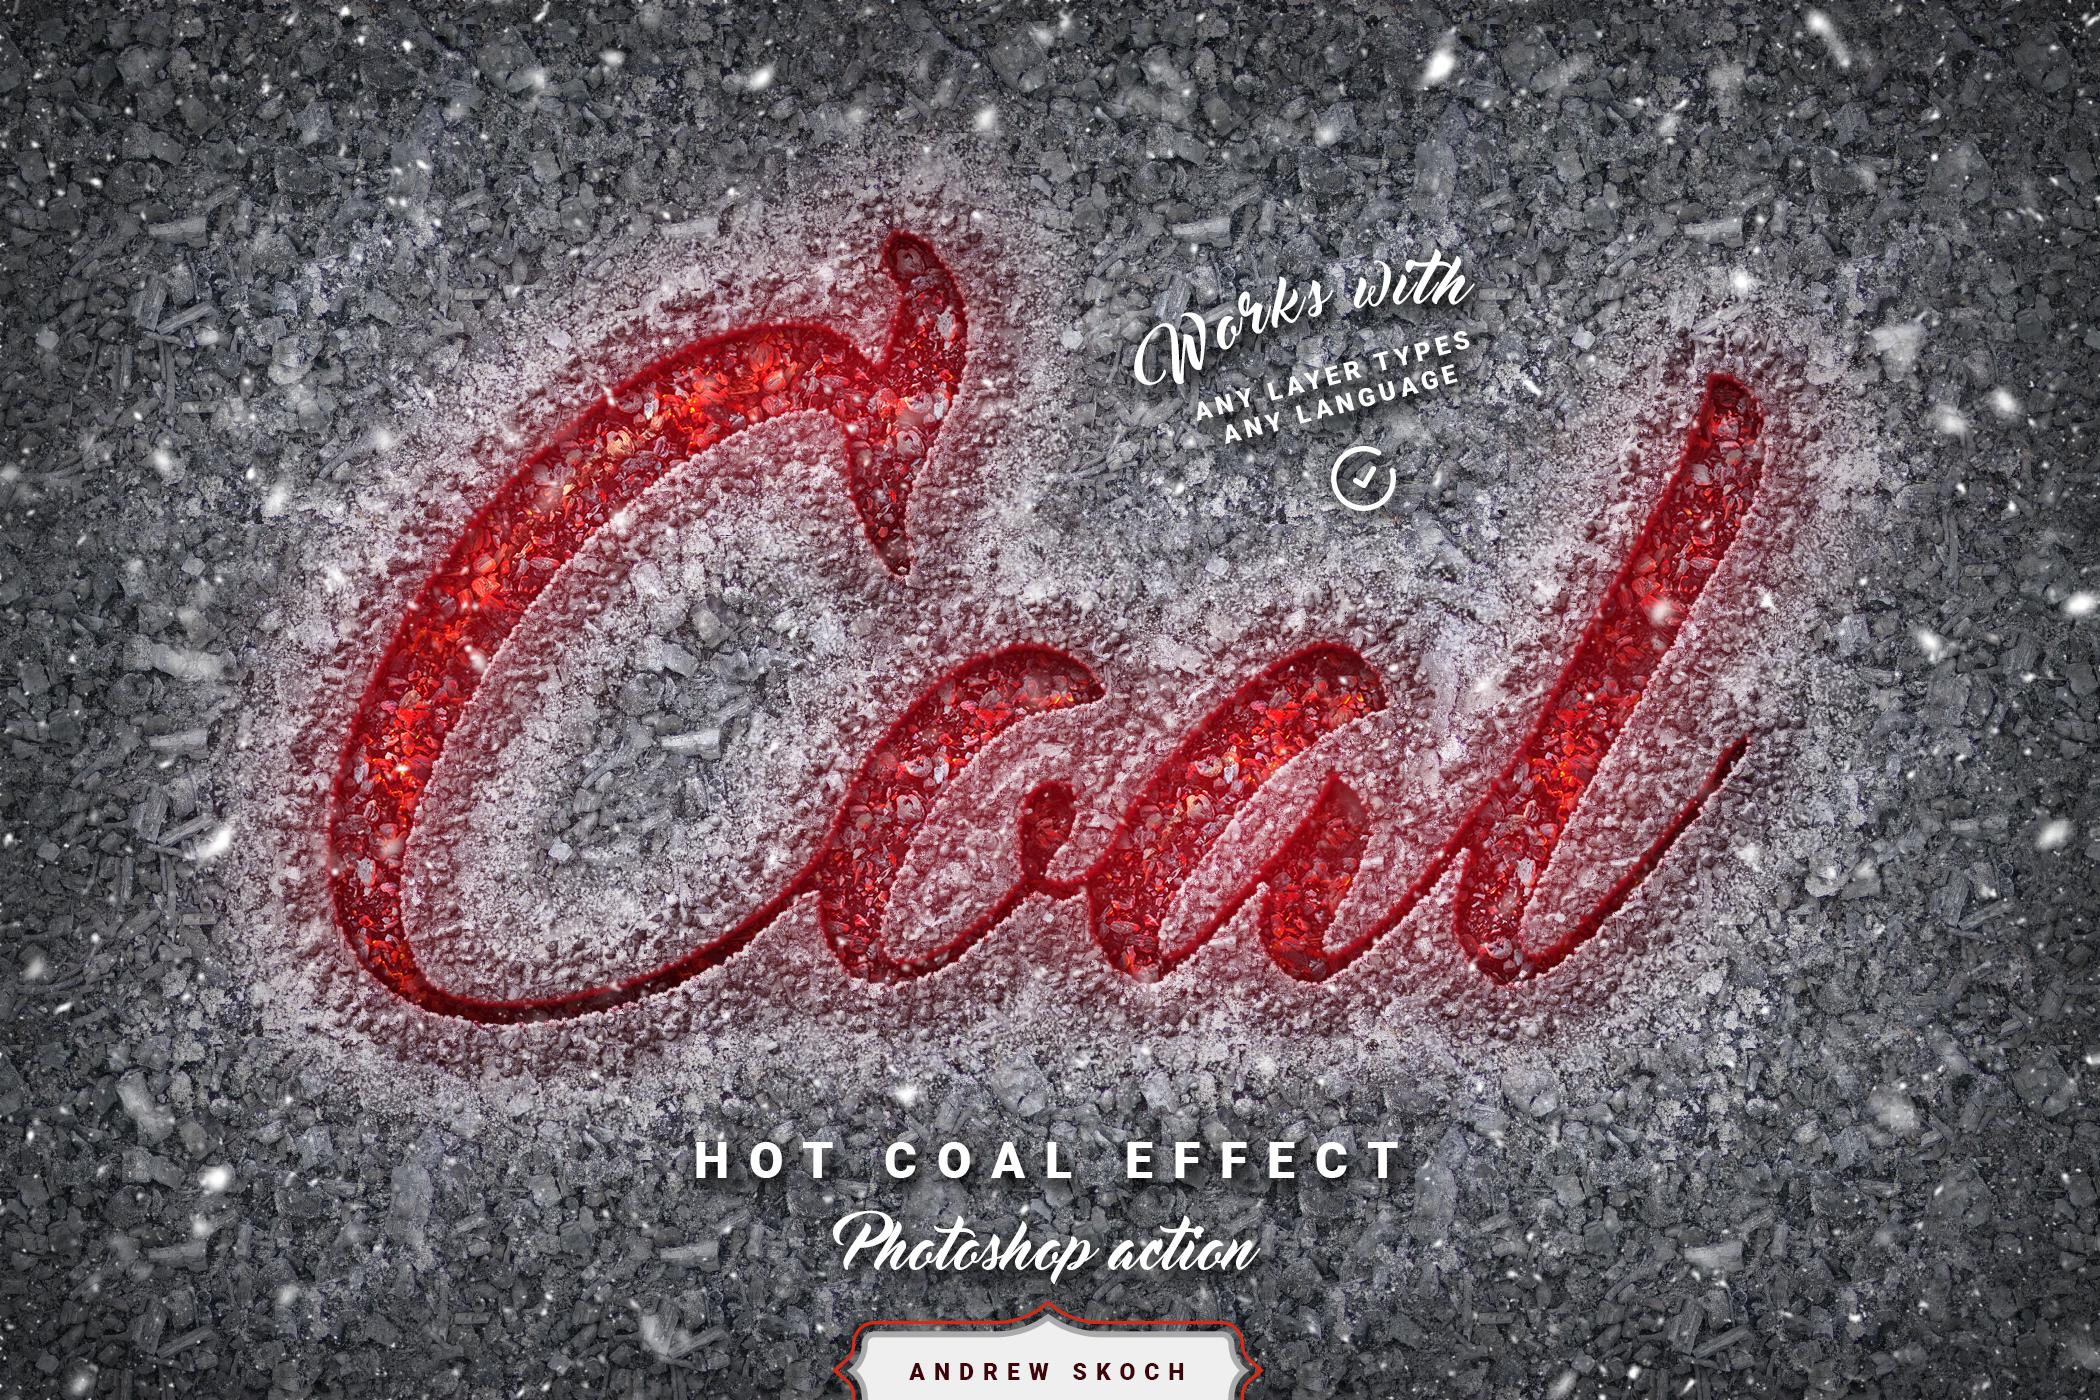 热煤-Photoshop动作灼热PS笔刷酷热纹理插图